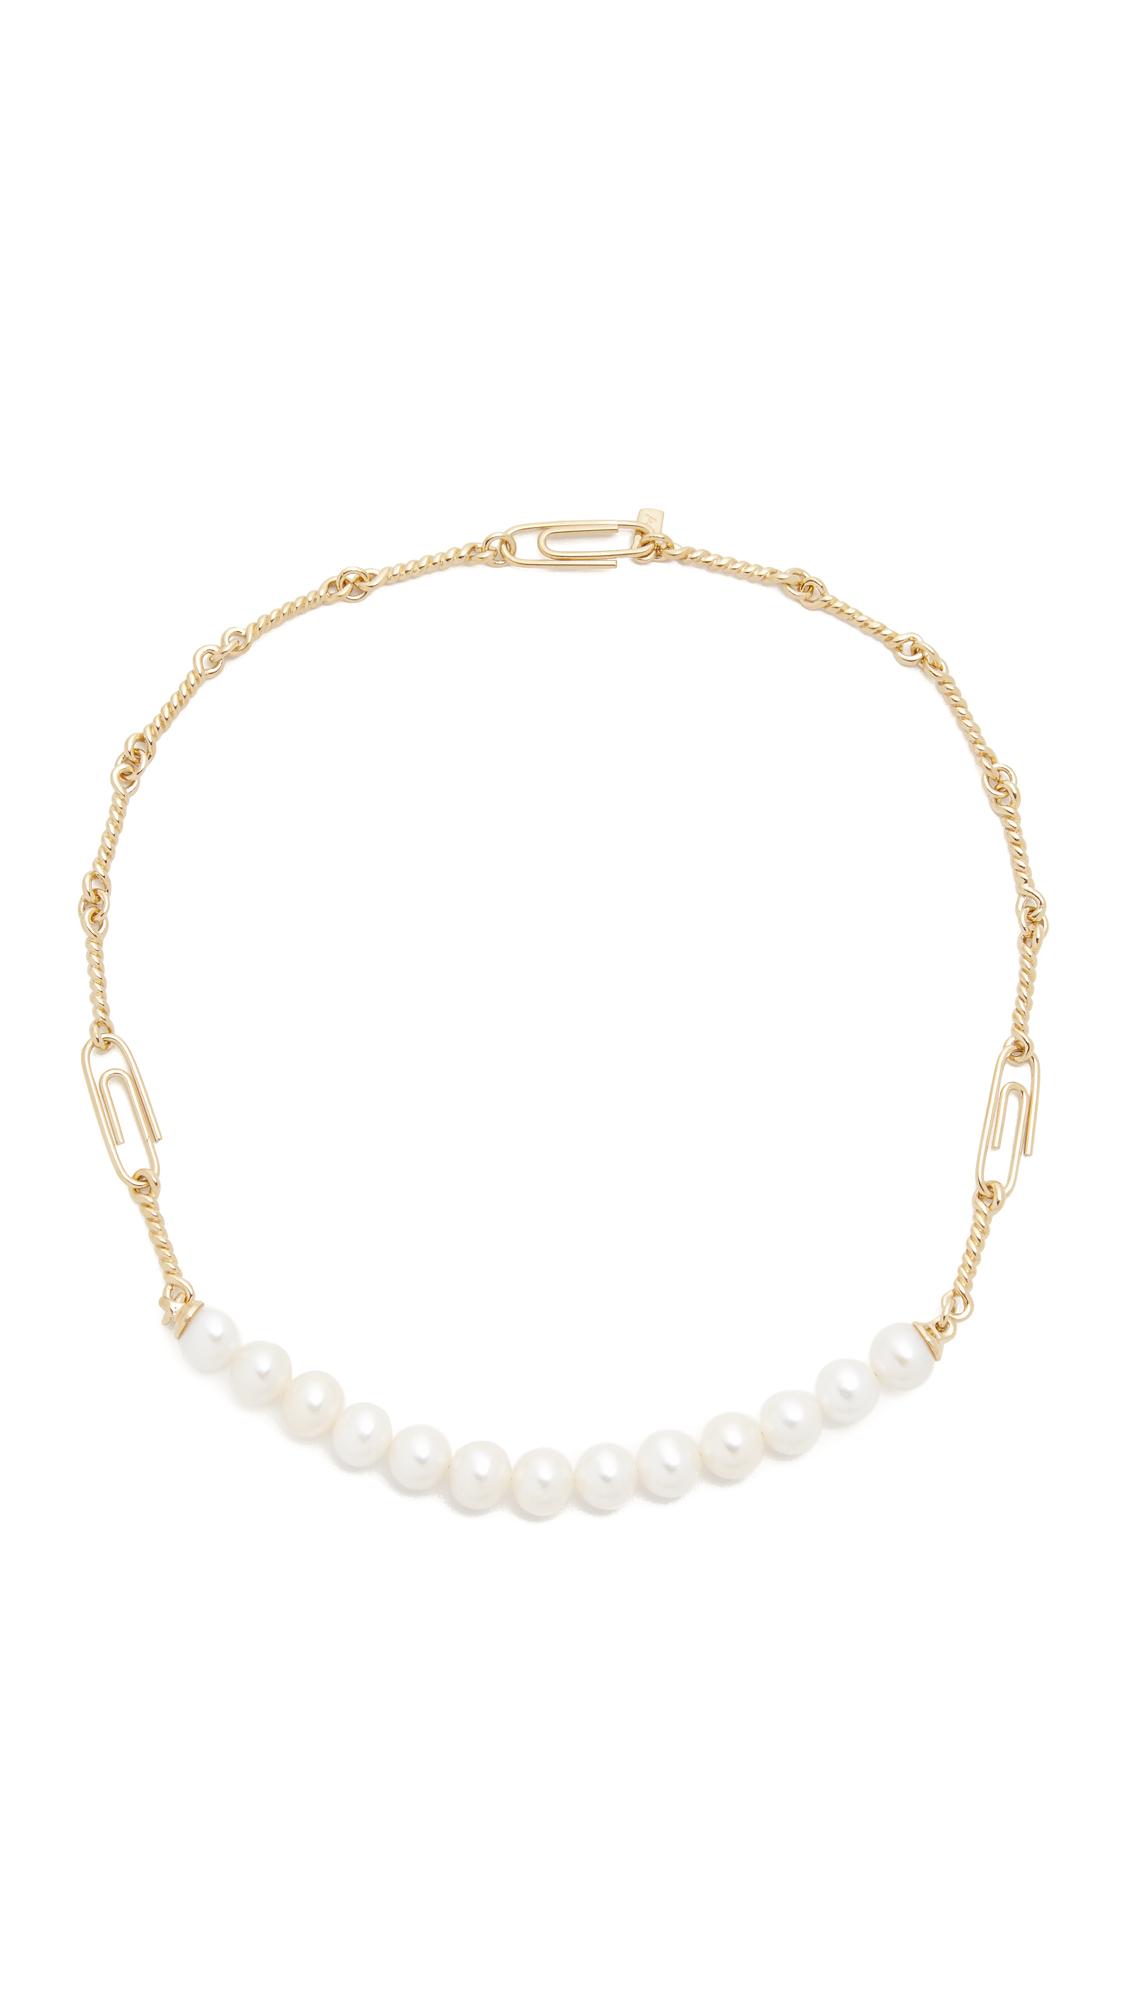 Aurelie Bidermann Cheyne Walk Necklace - Gold at Shopbop